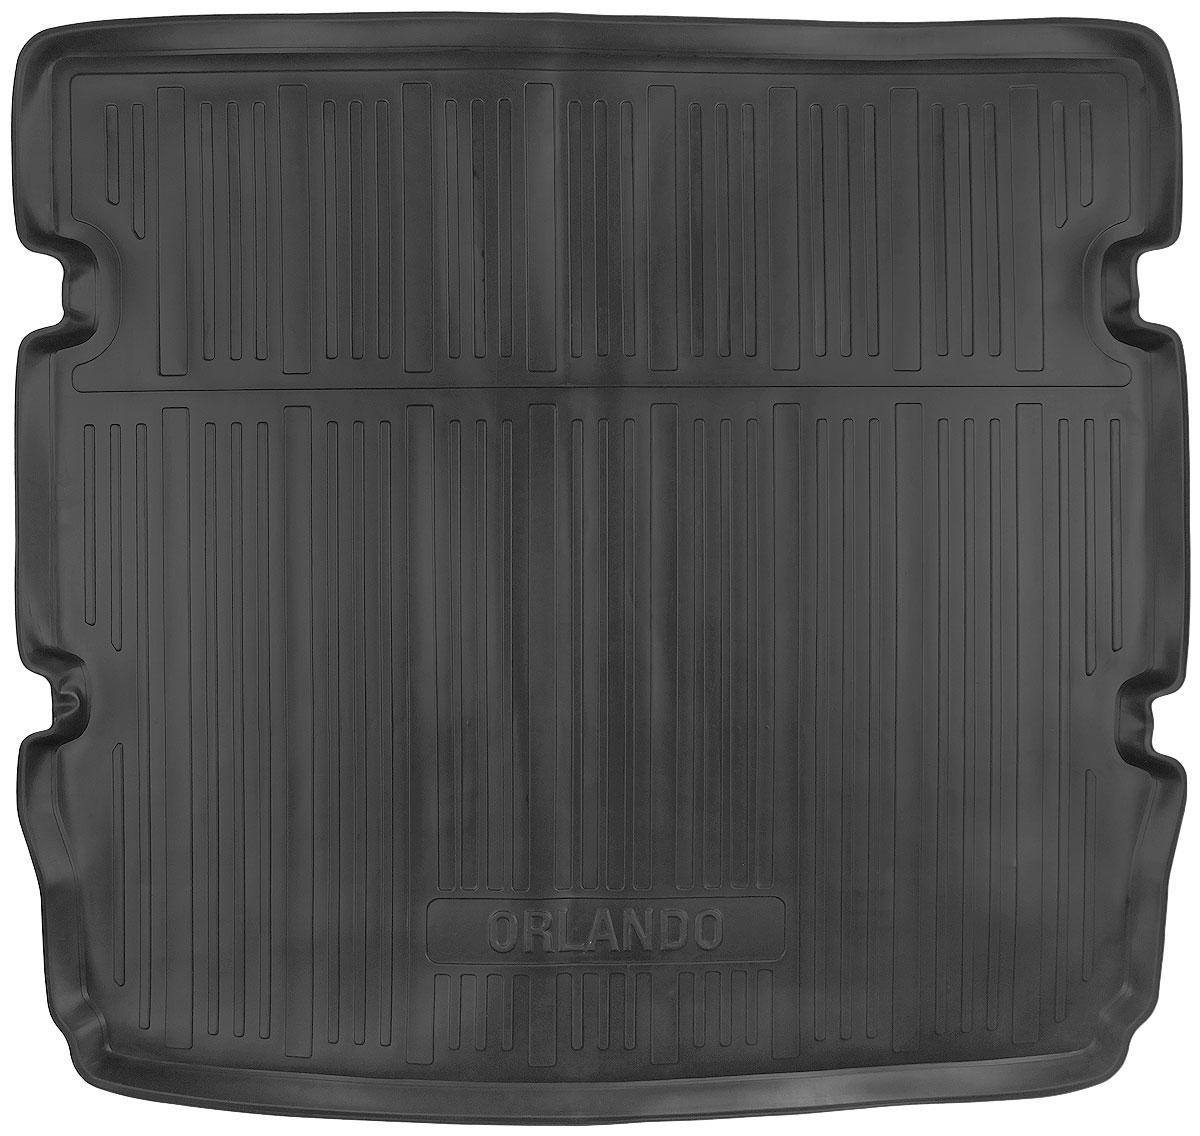 Коврик в багажник L.Locker, для Chevrolet Orlando (10-) EU ver. 5 местВетерок 2ГФКоврик L.Locker производится индивидуально для каждой модели автомобиля из современного и экологически чистого материала. Изделие точно повторяет геометрию пола автомобиля, имеет высокий борт, обладает повышенной износоустойчивостью, антискользящими свойствами, лишен резкого запаха и сохраняет свои потребительские свойства в широком диапазоне температур (от -50°С до +80°С).